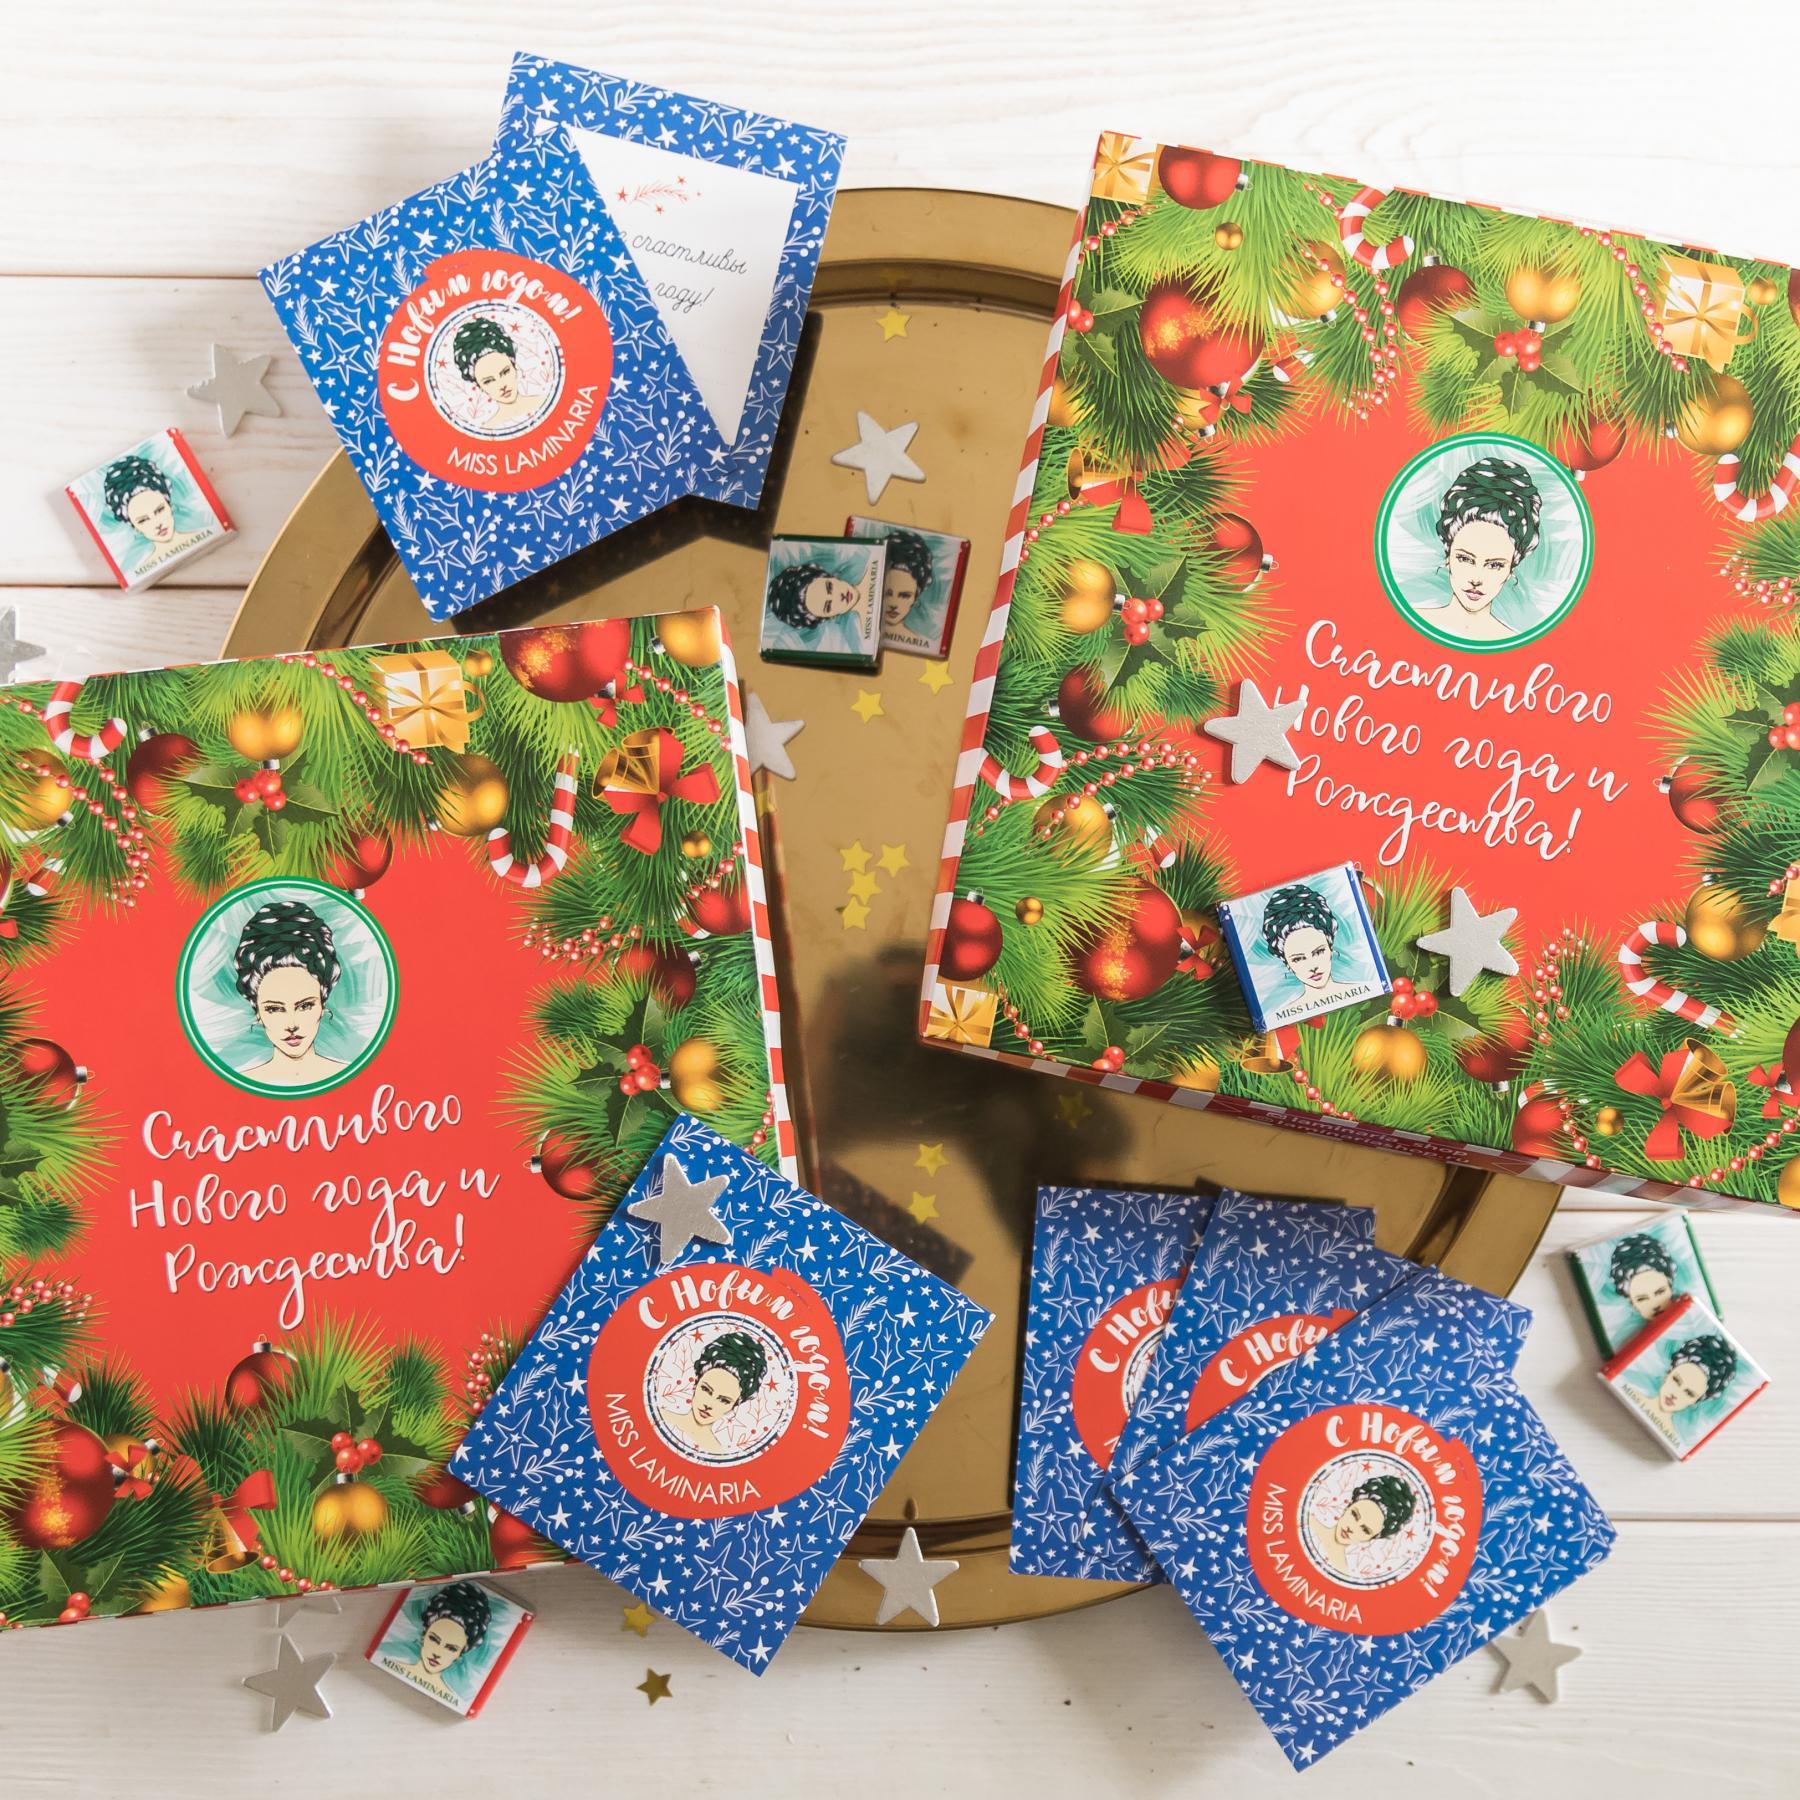 Фото Топ-5 самых крутых подарков на Новый год от Laminaria Shop 5